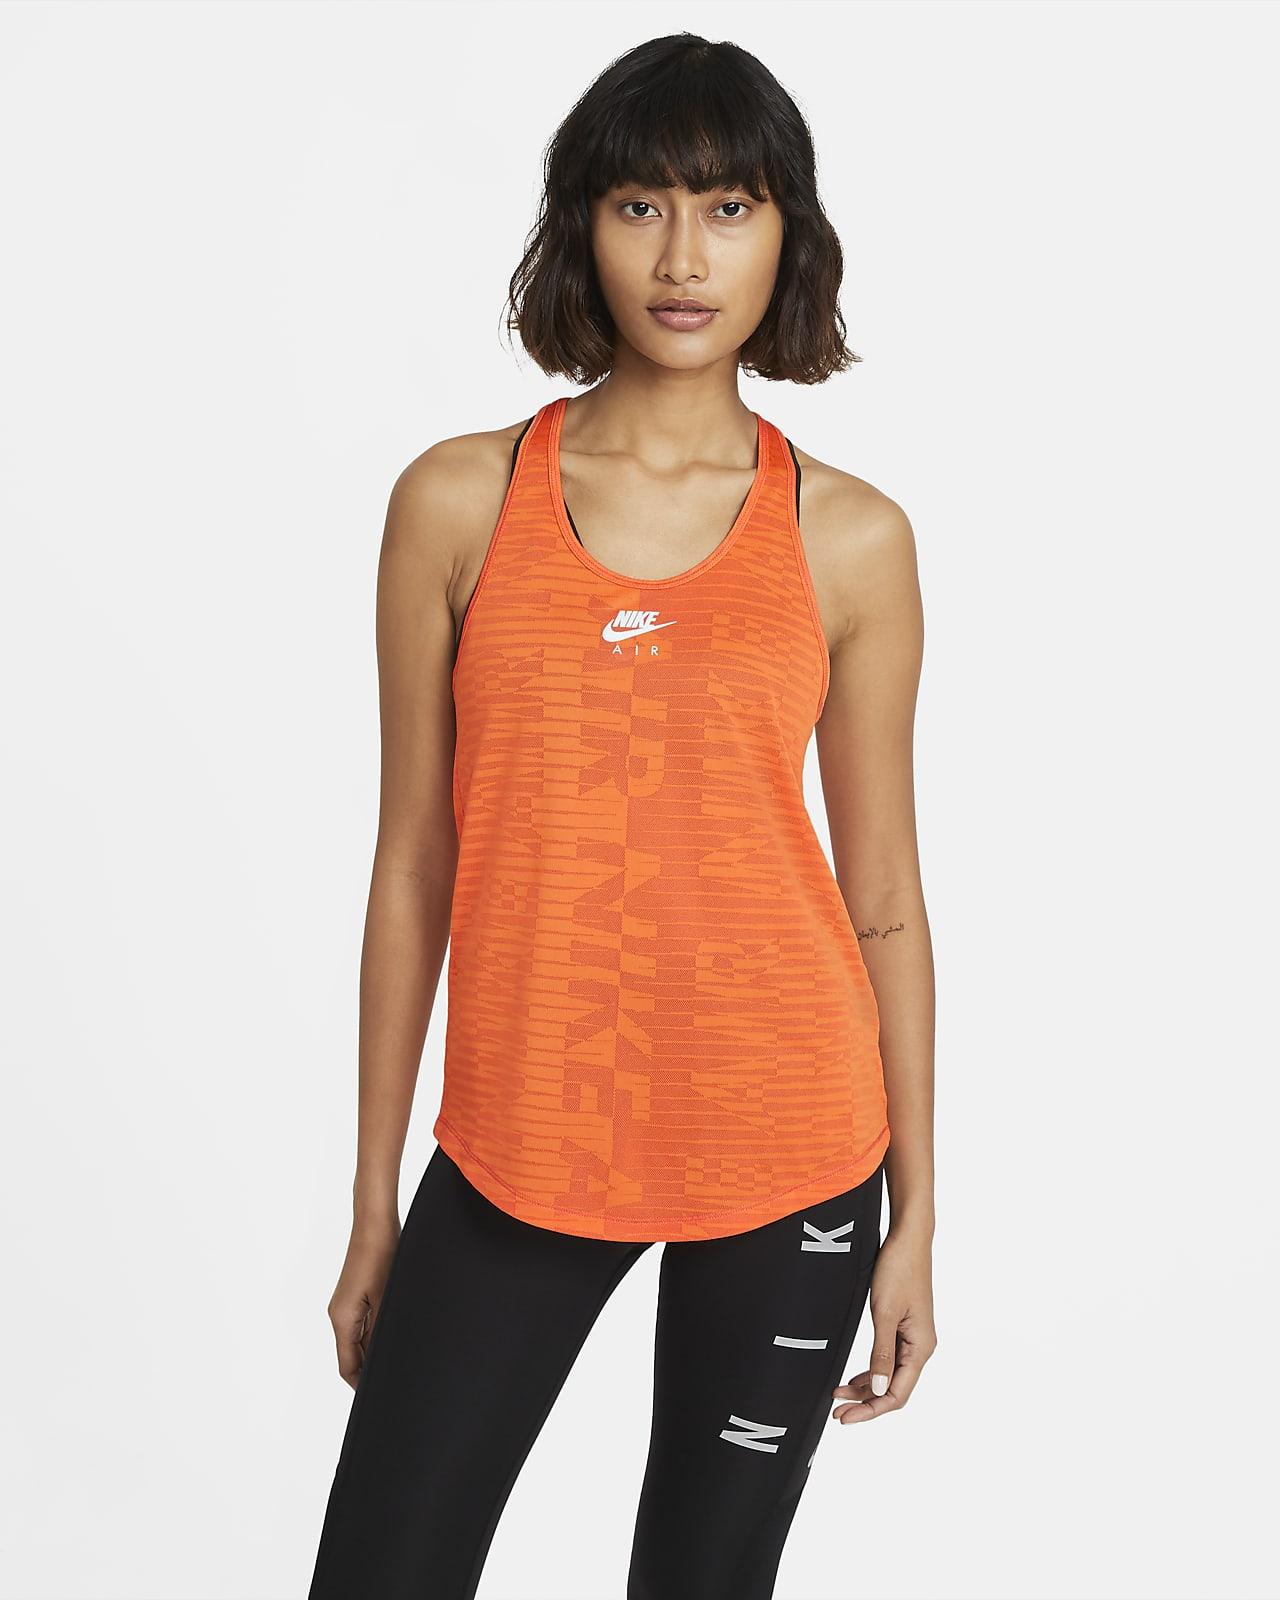 Löparlinne Nike Air för kvinnor